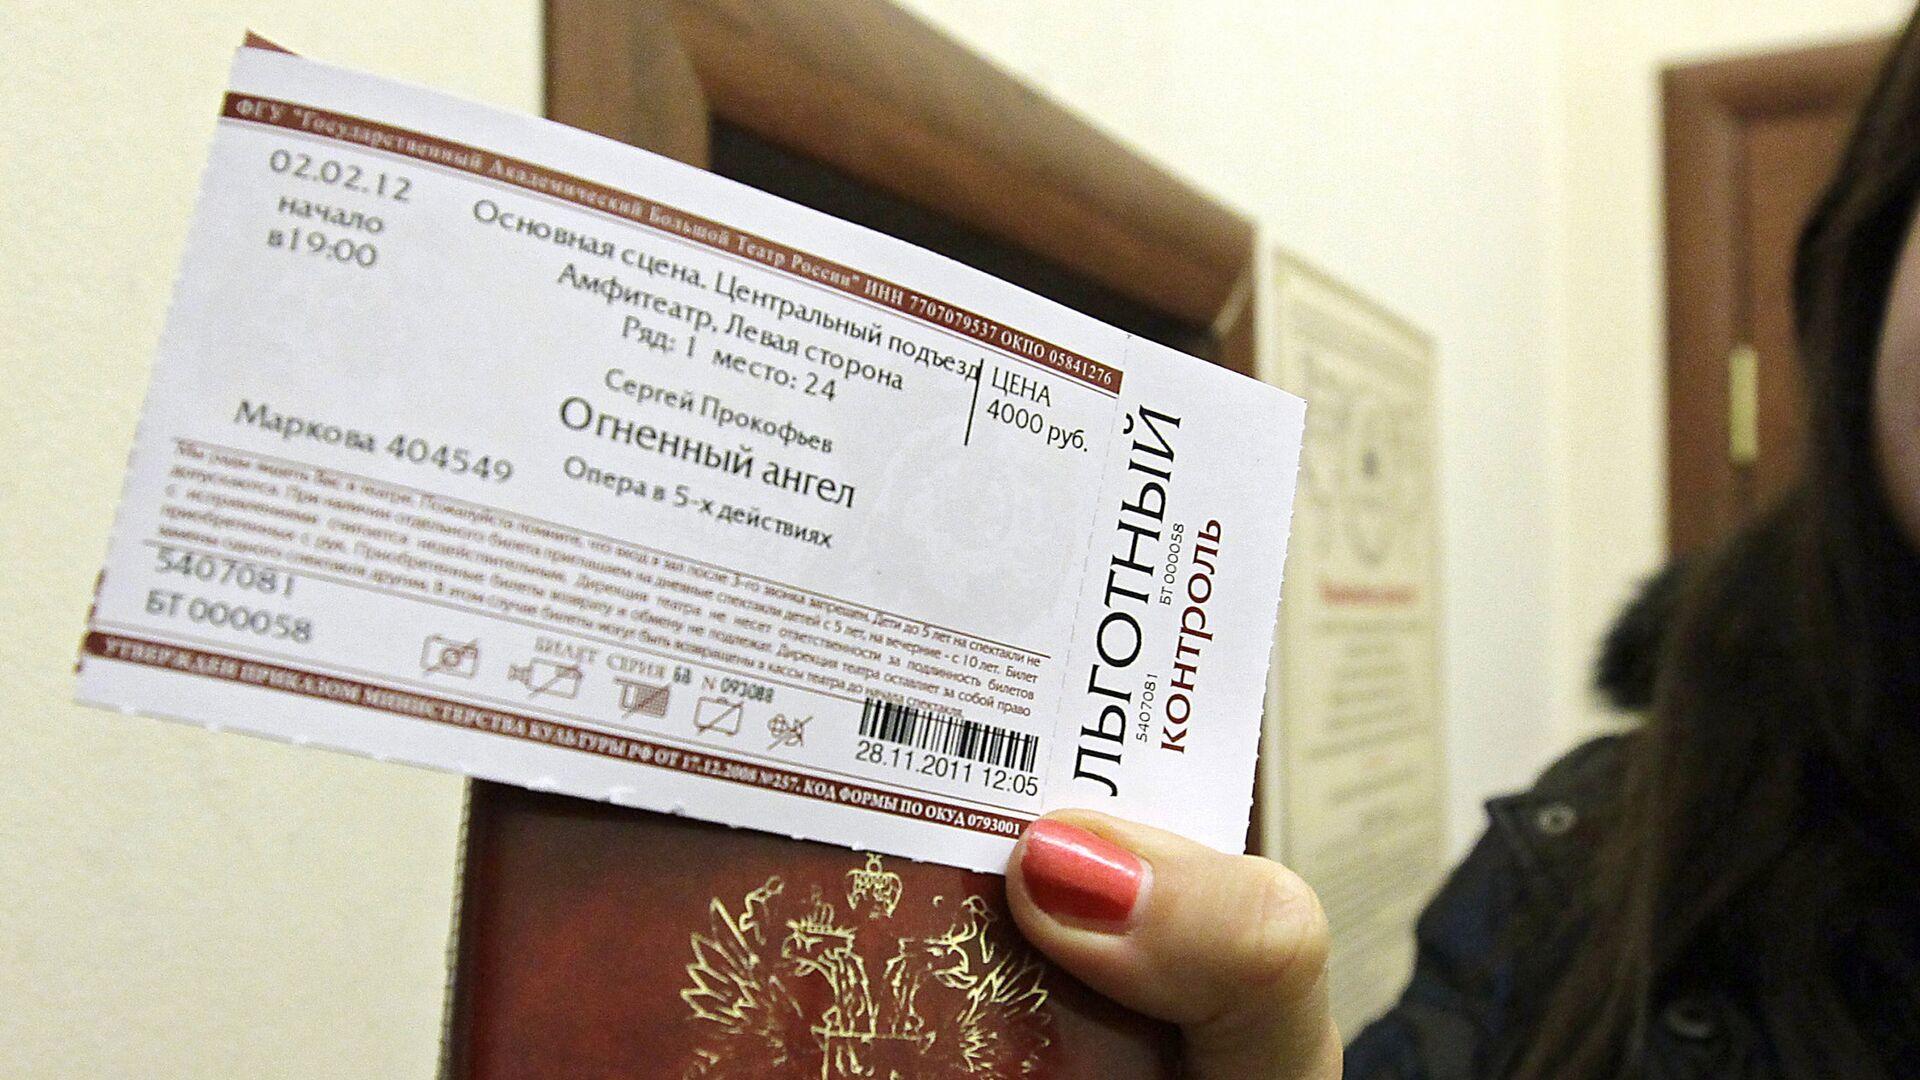 Продажа билетов в Большой театр - РИА Новости, 1920, 16.11.2020